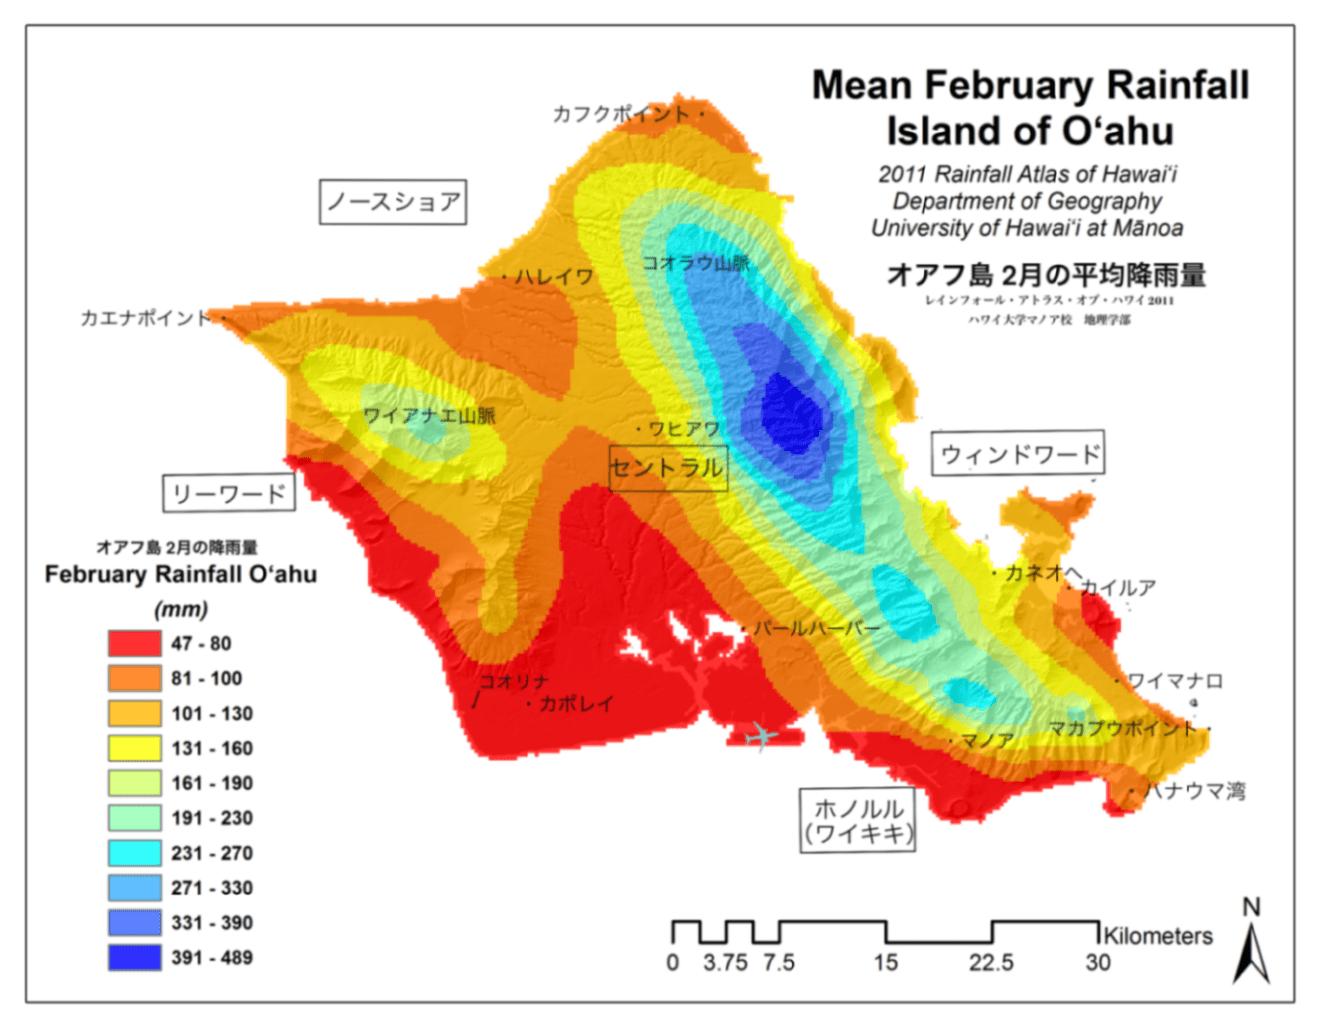 オアフ島 2月の平均降雨量